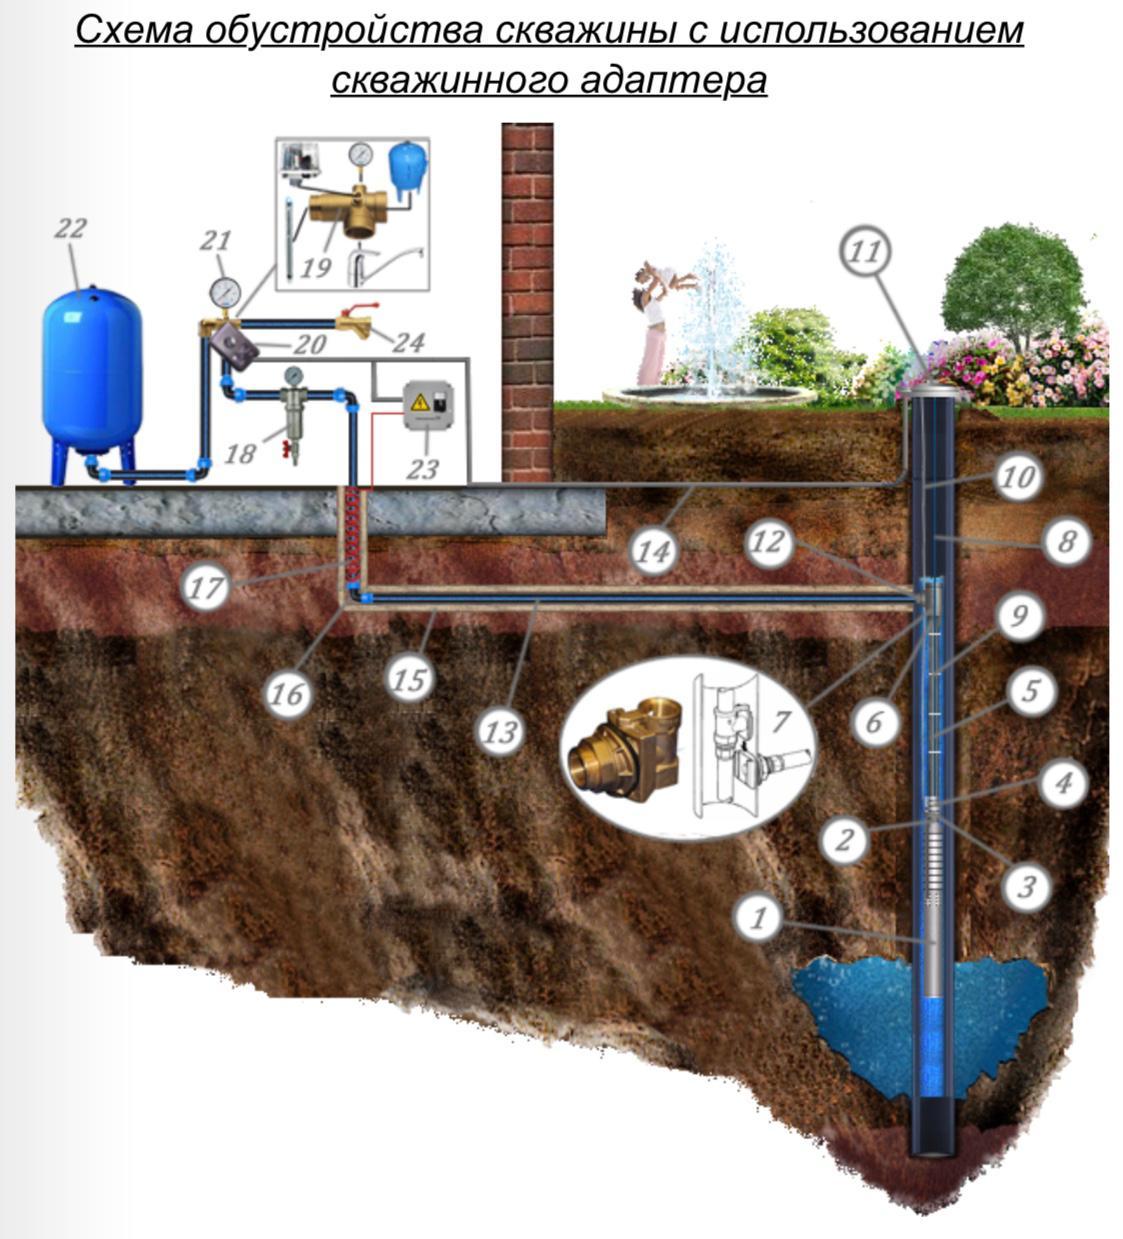 Скважина на воду: схема и принцип работы